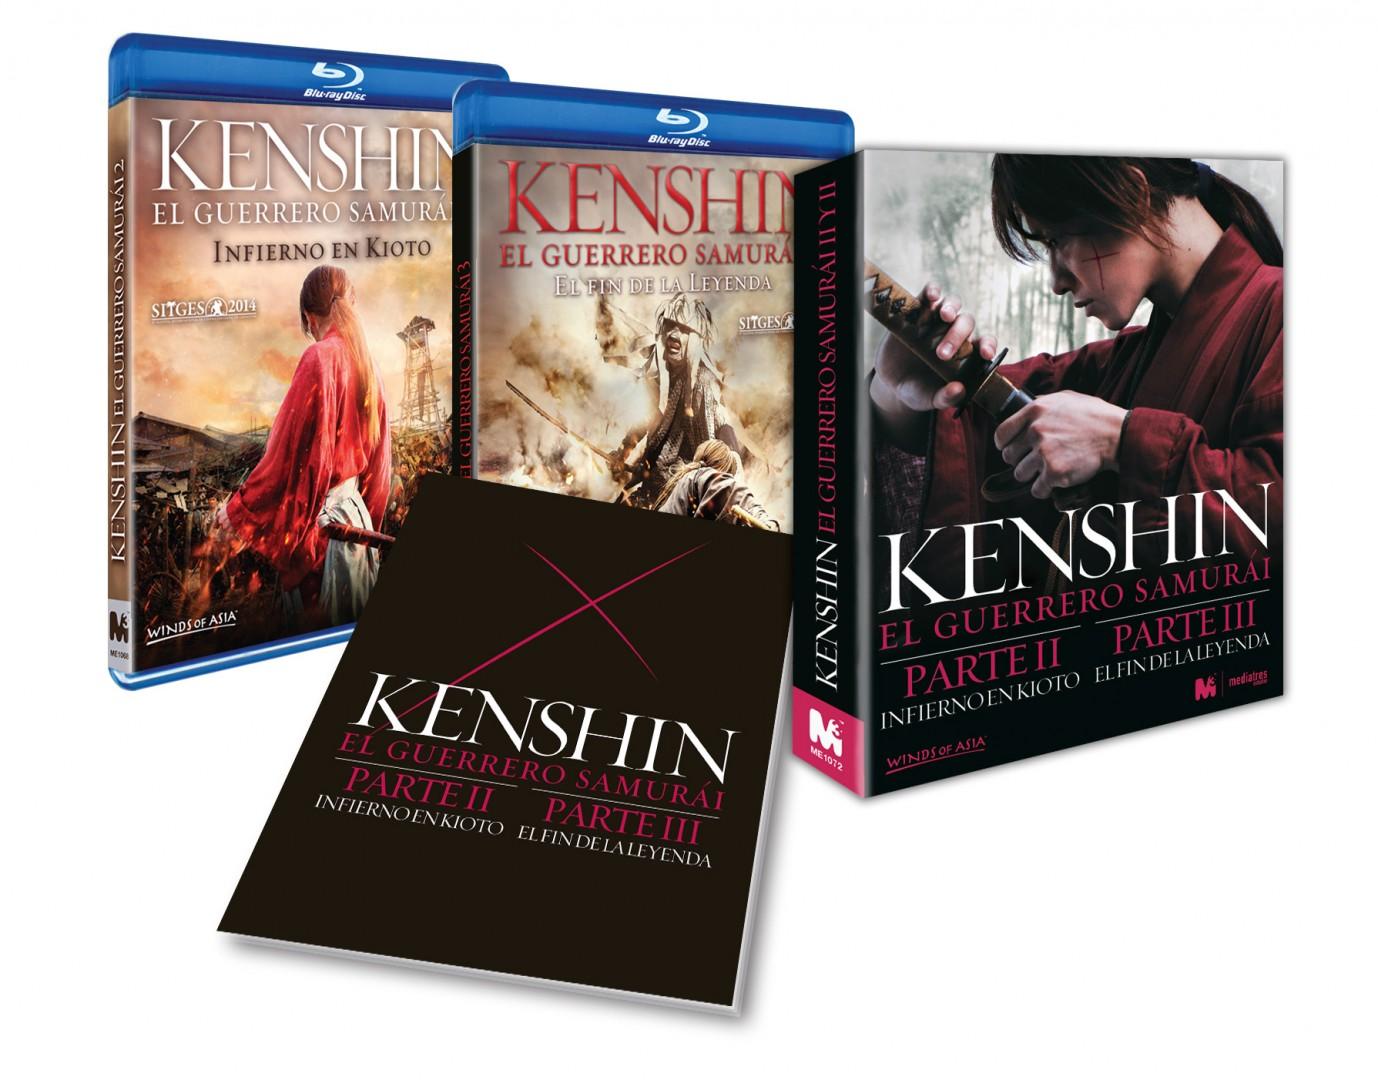 Kenshin-Peliculas-2-y-3-mediatres-pack-BD